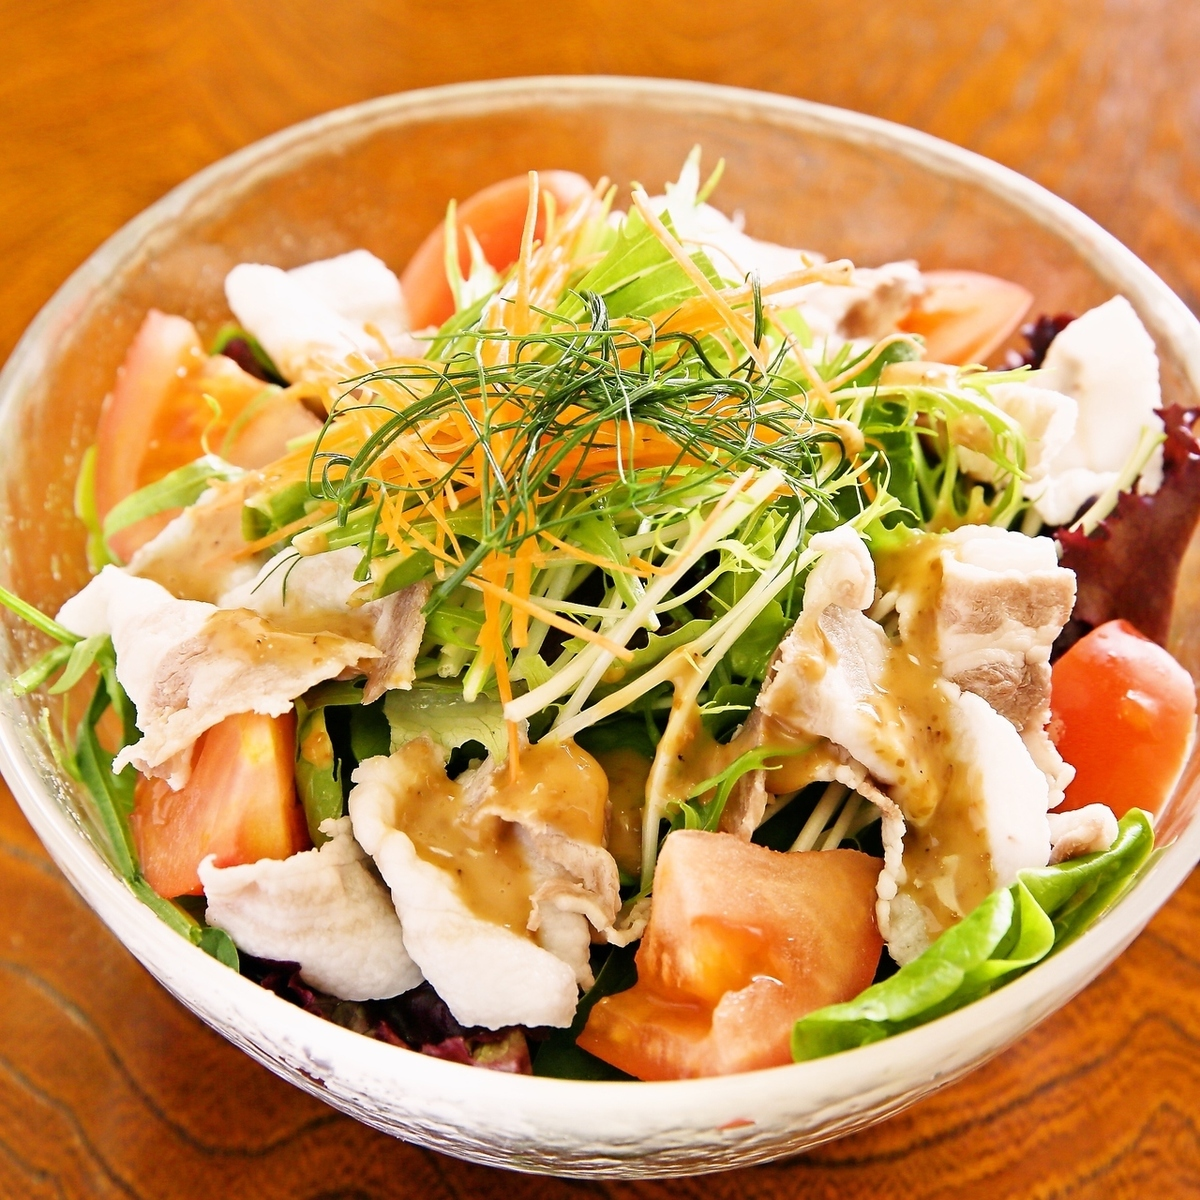 Yanbare island pig's cold shabu salad